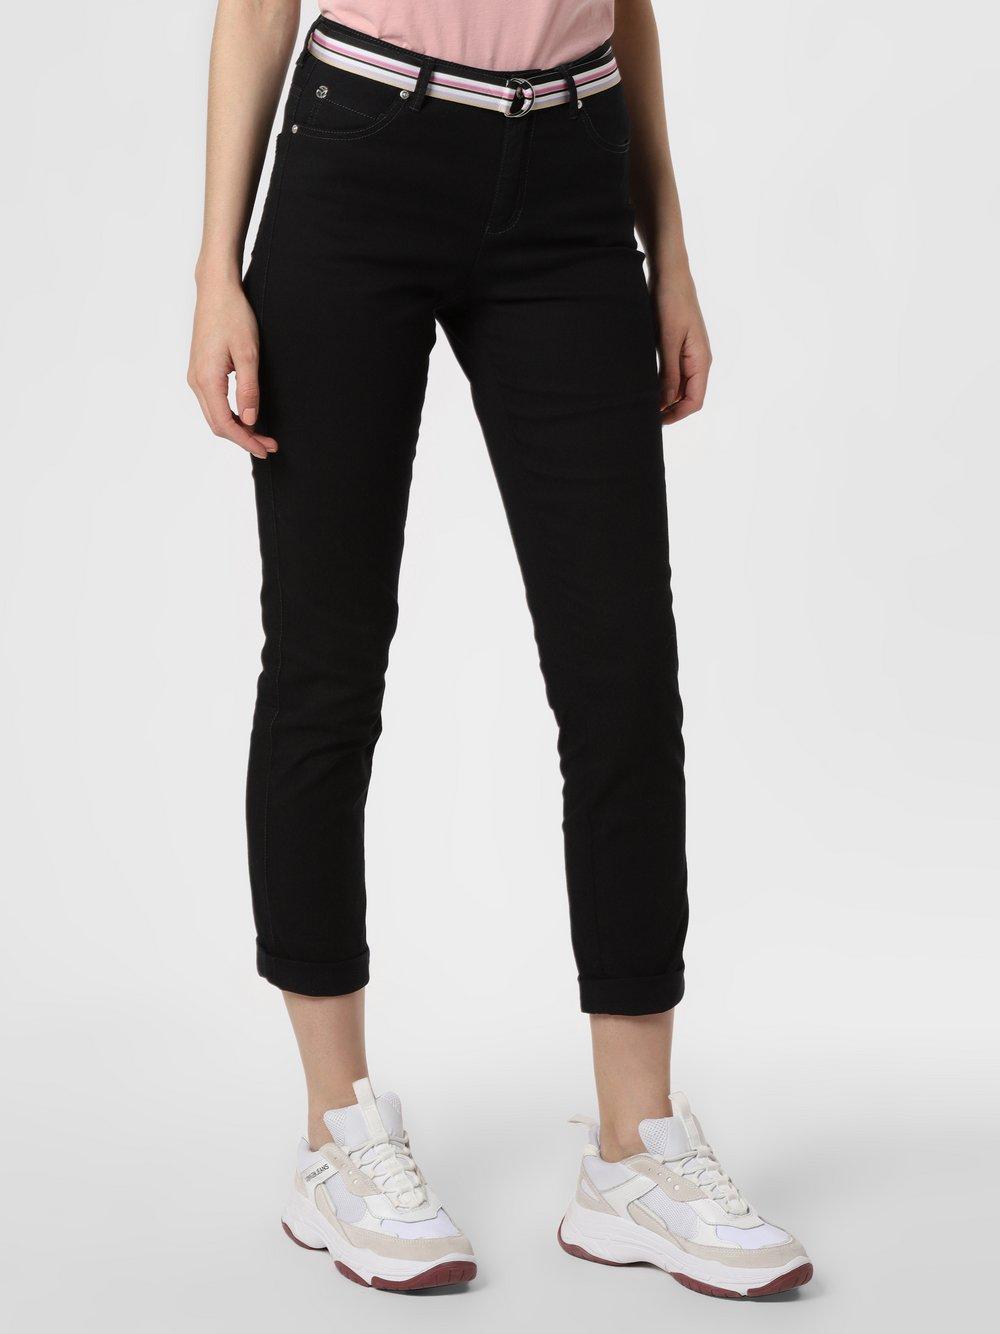 Rosner - Spodnie damskie – Masha, czarny